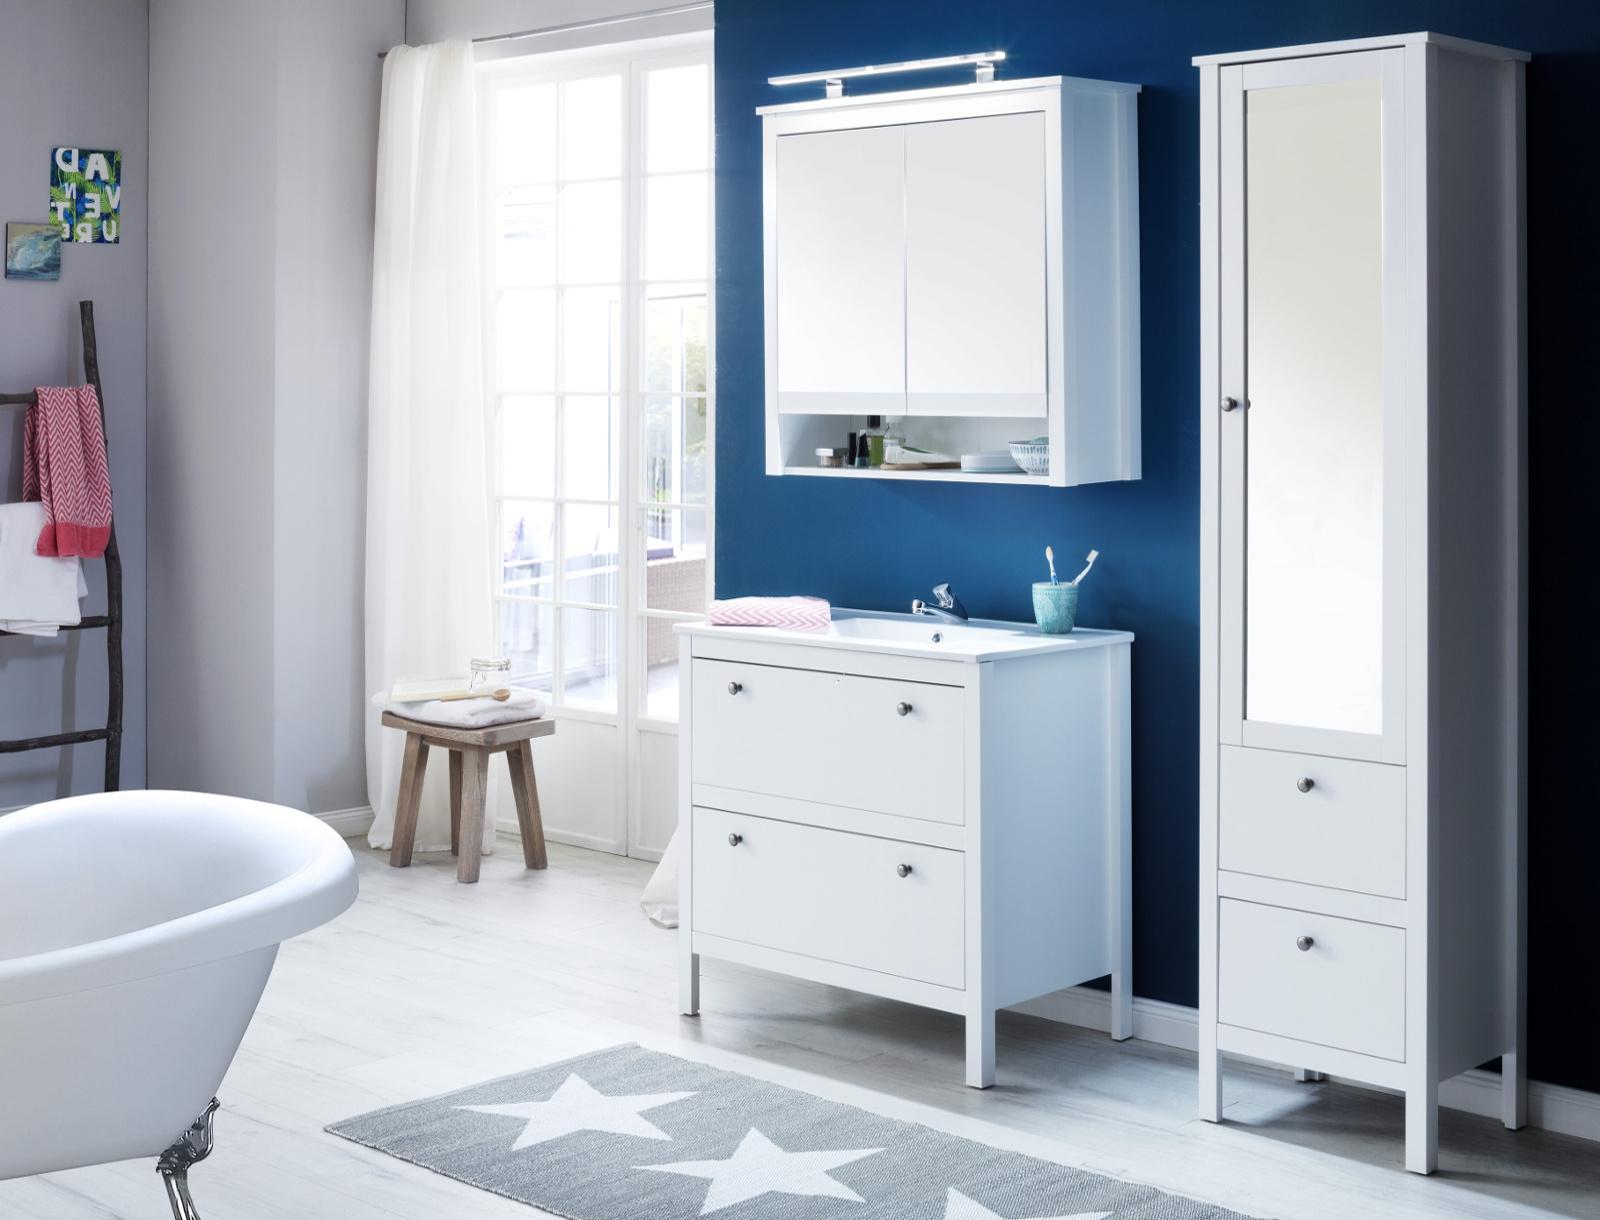 waschbeckenunterschrank ole wei inkl waschbecken. Black Bedroom Furniture Sets. Home Design Ideas